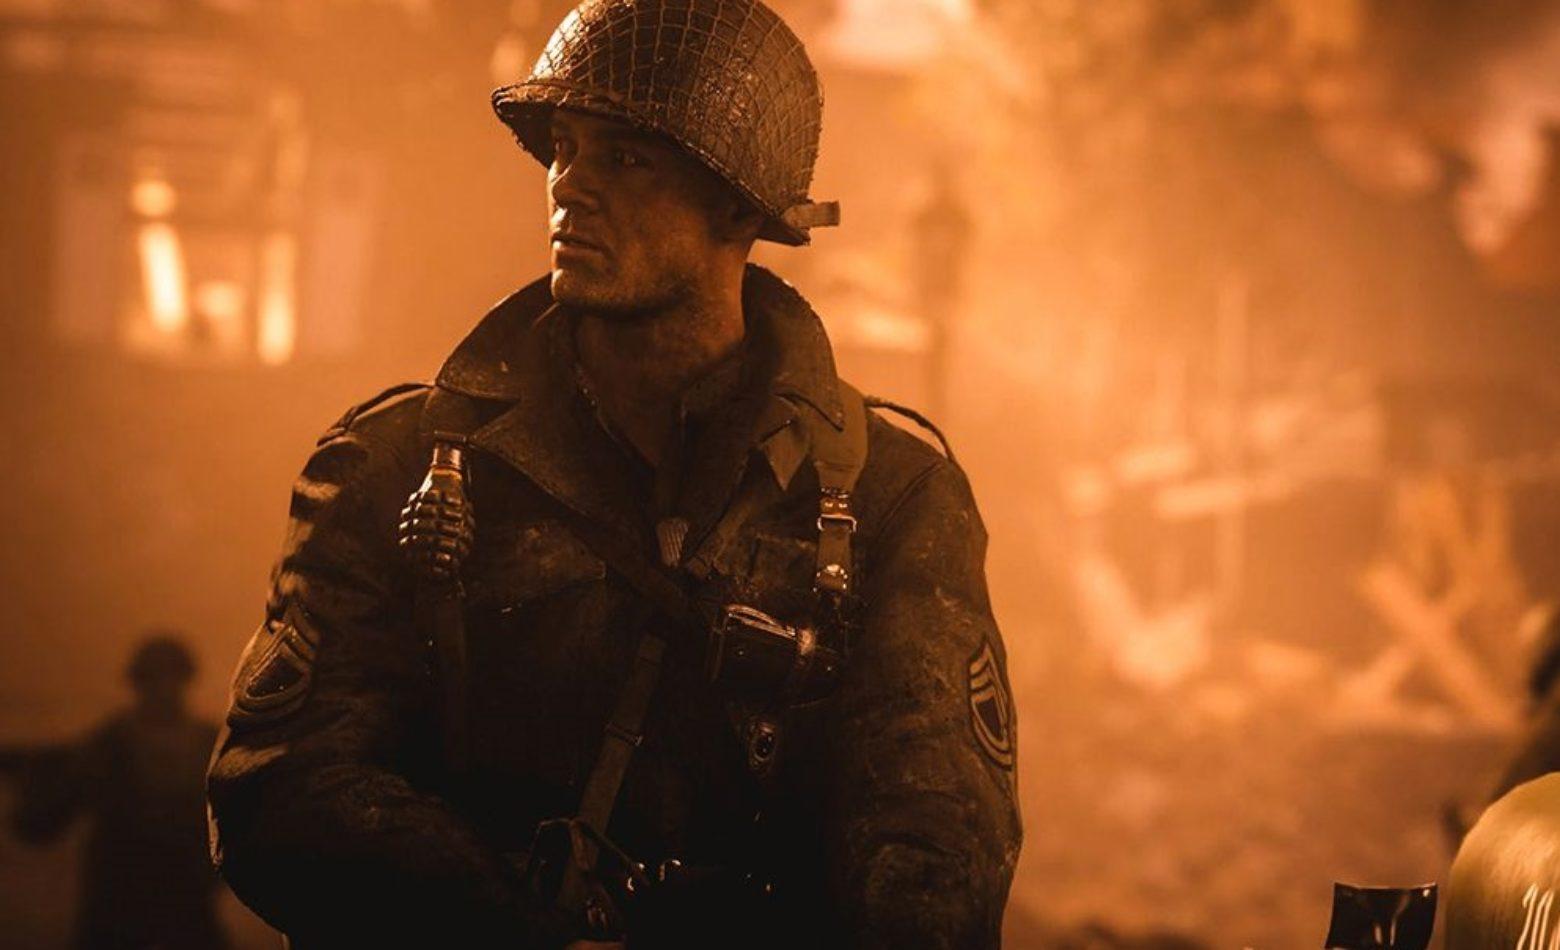 Call of Duty: WWII e sua homenagem à bravura [Entrevista]